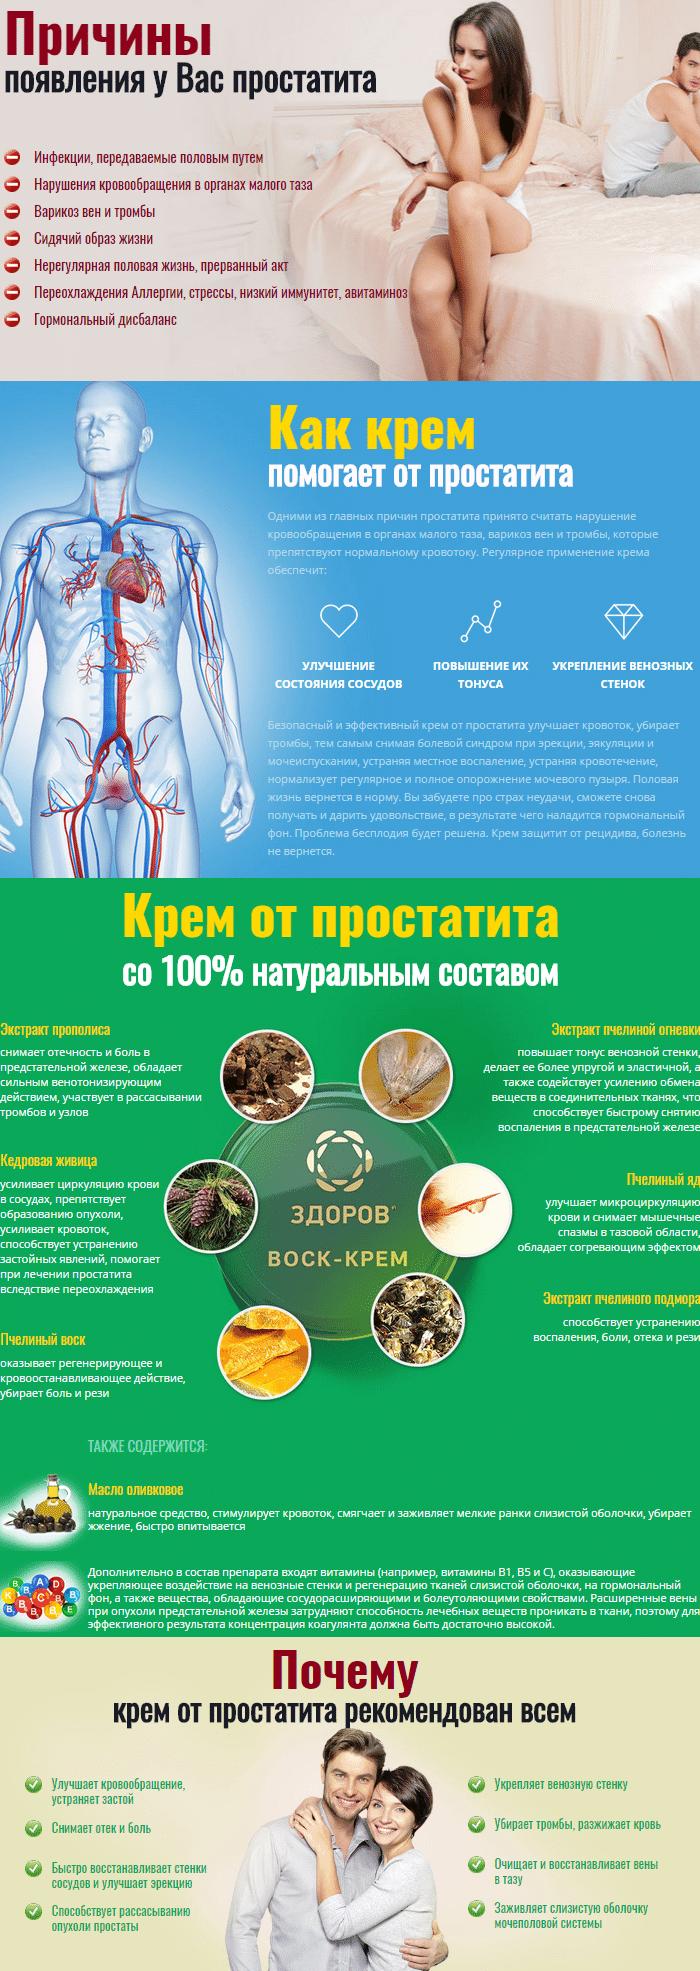 Крем «Здоров» от простатита - фото Крем «Здоров» от простатита